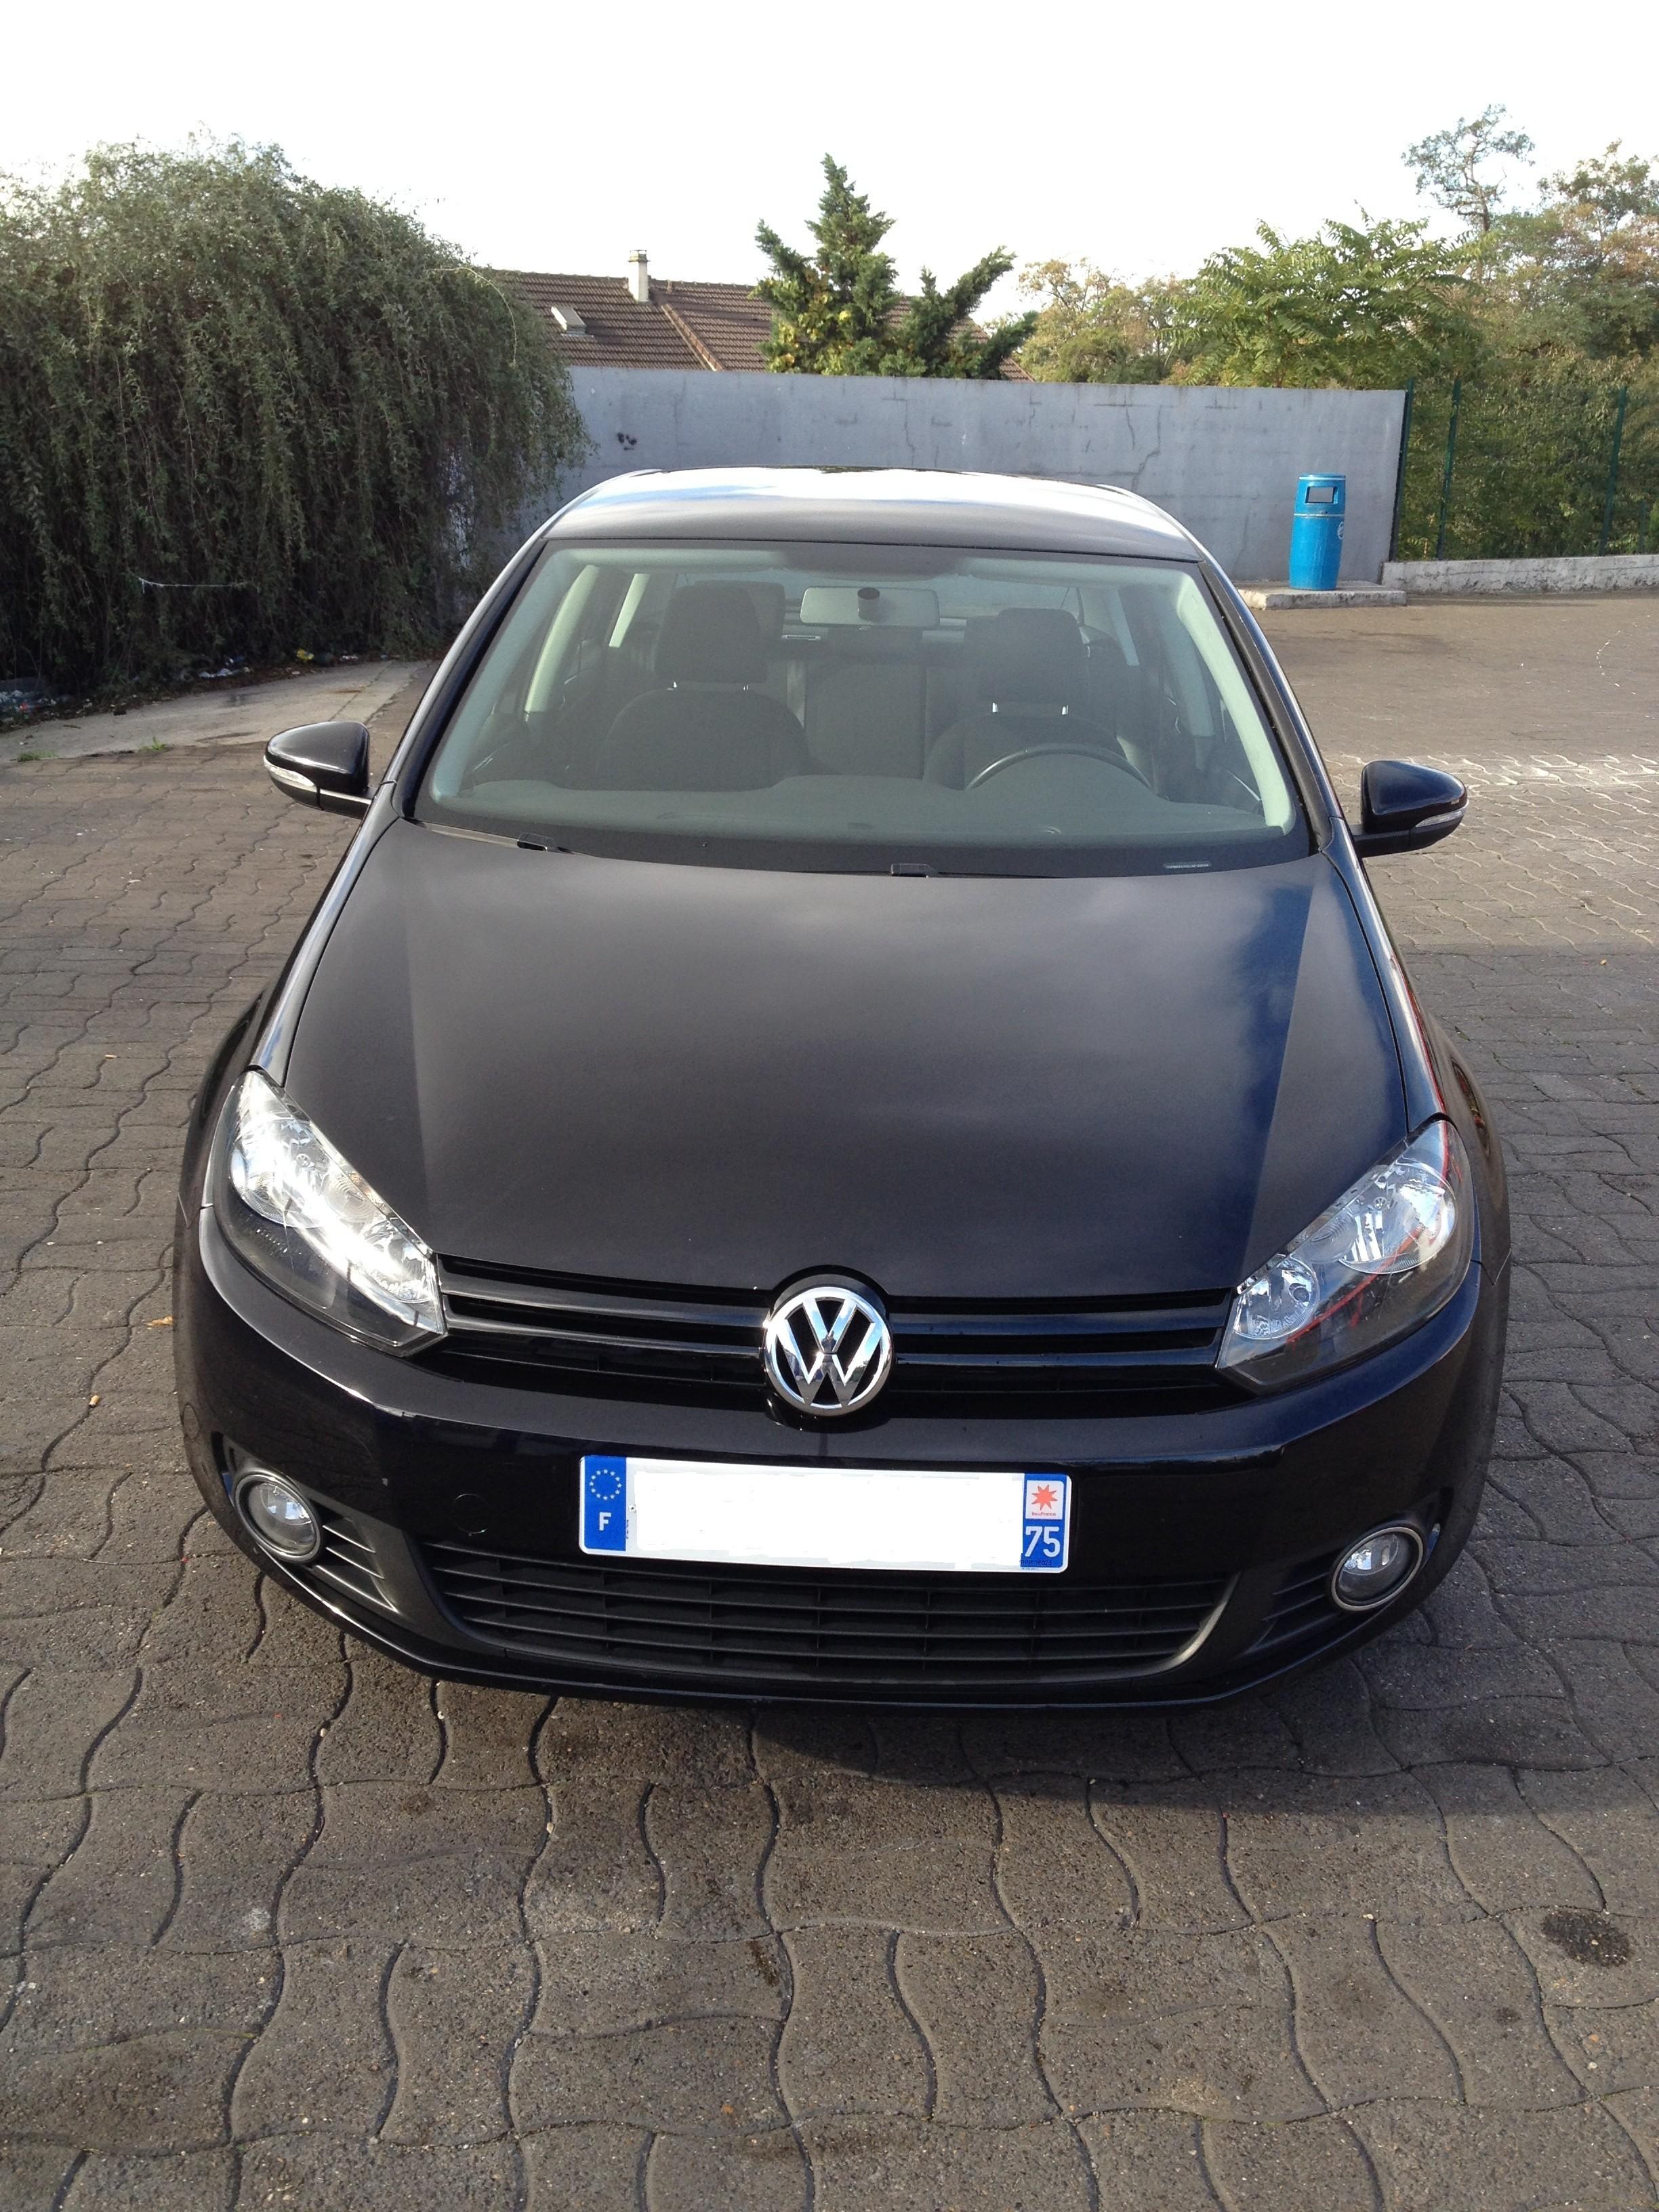 Volkswagen Golf VI Diesel Manuelle 2011 PARIS